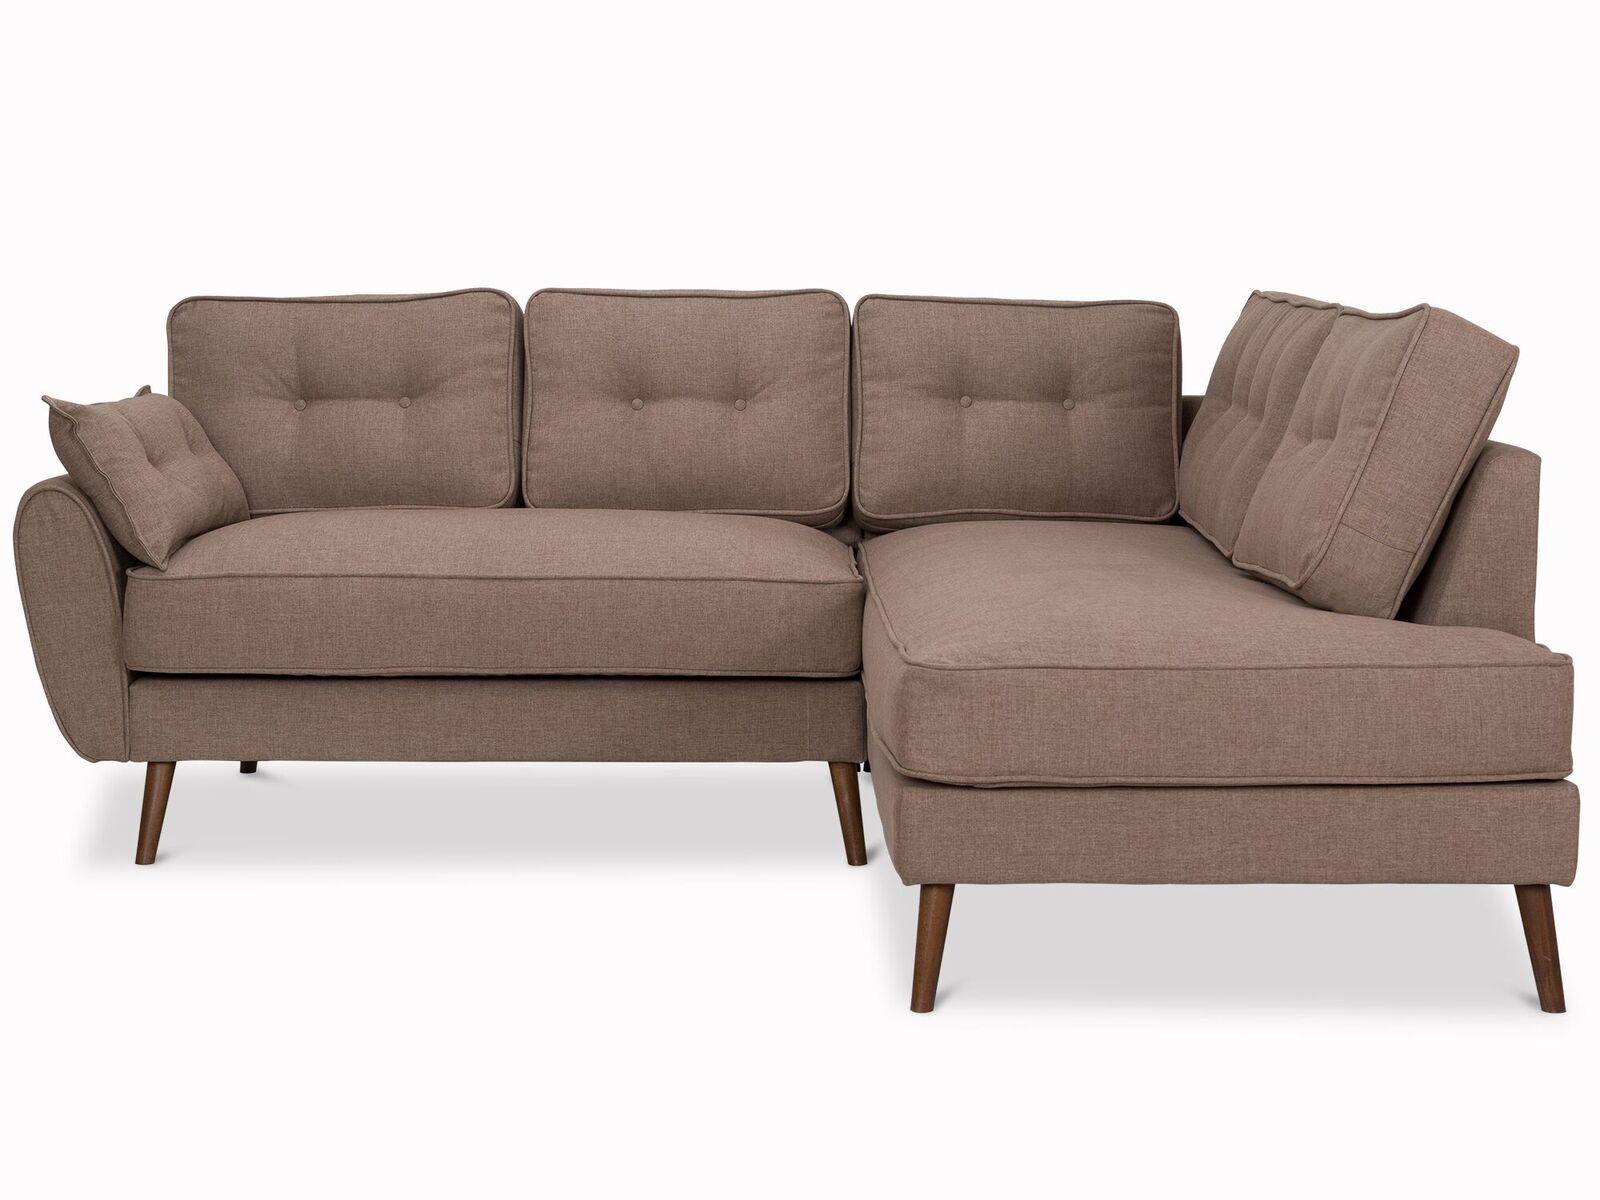 Myfurnish угловой диван vogue коричневый  78498/1